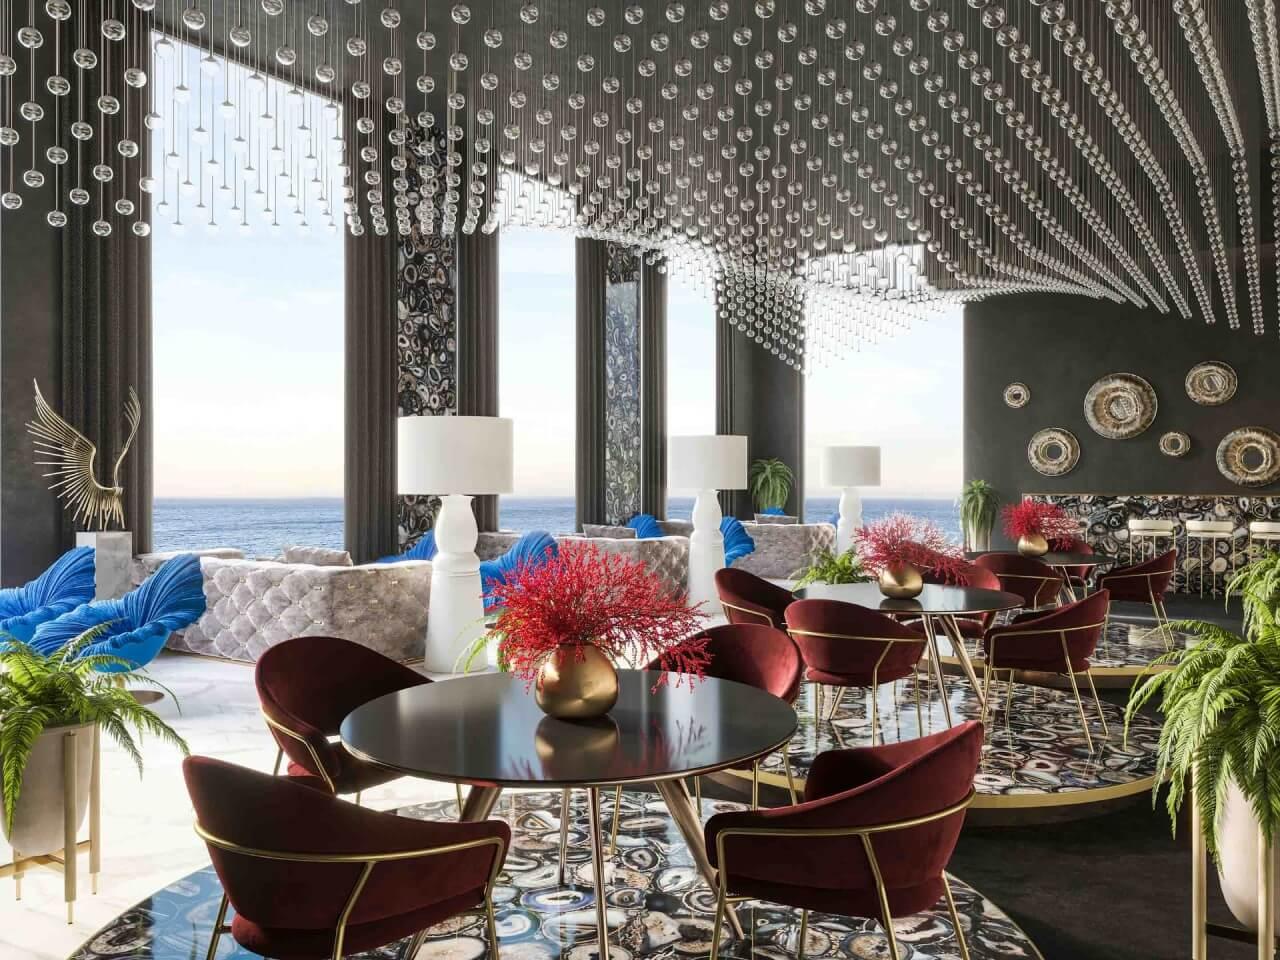 restauracja zkrzesłami wkolrze bordo ipodłogą zkamienia za dnia